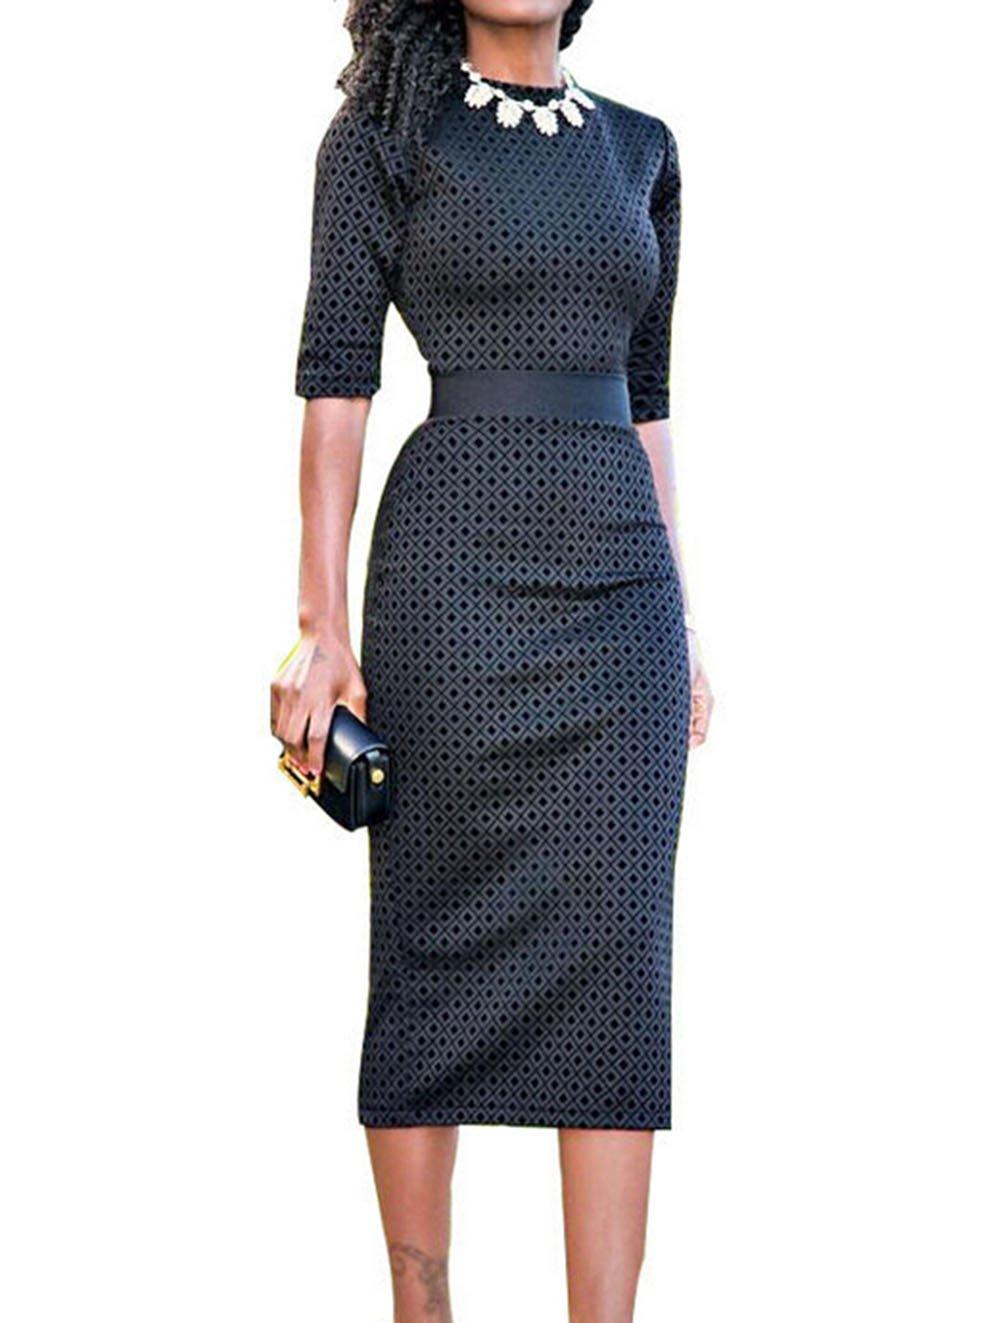 Rui Wen Women Half-Sleeve High Waist Office Formal Bodycon Dress Business (L, Black) by Rui Wen (Image #1)